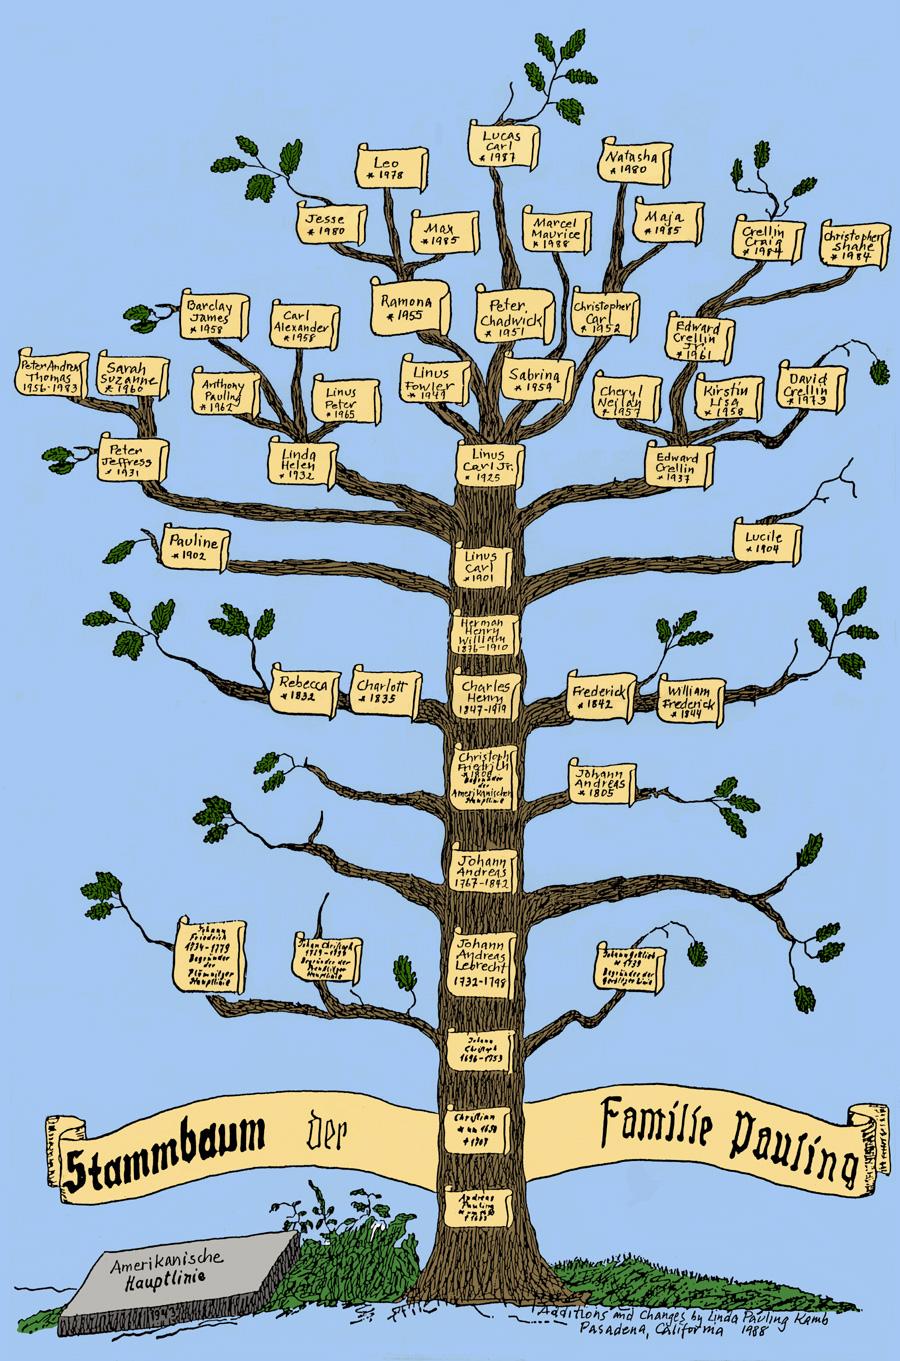 Family tree template 5 generations family tree template 5 - Family Tree Paulingblog